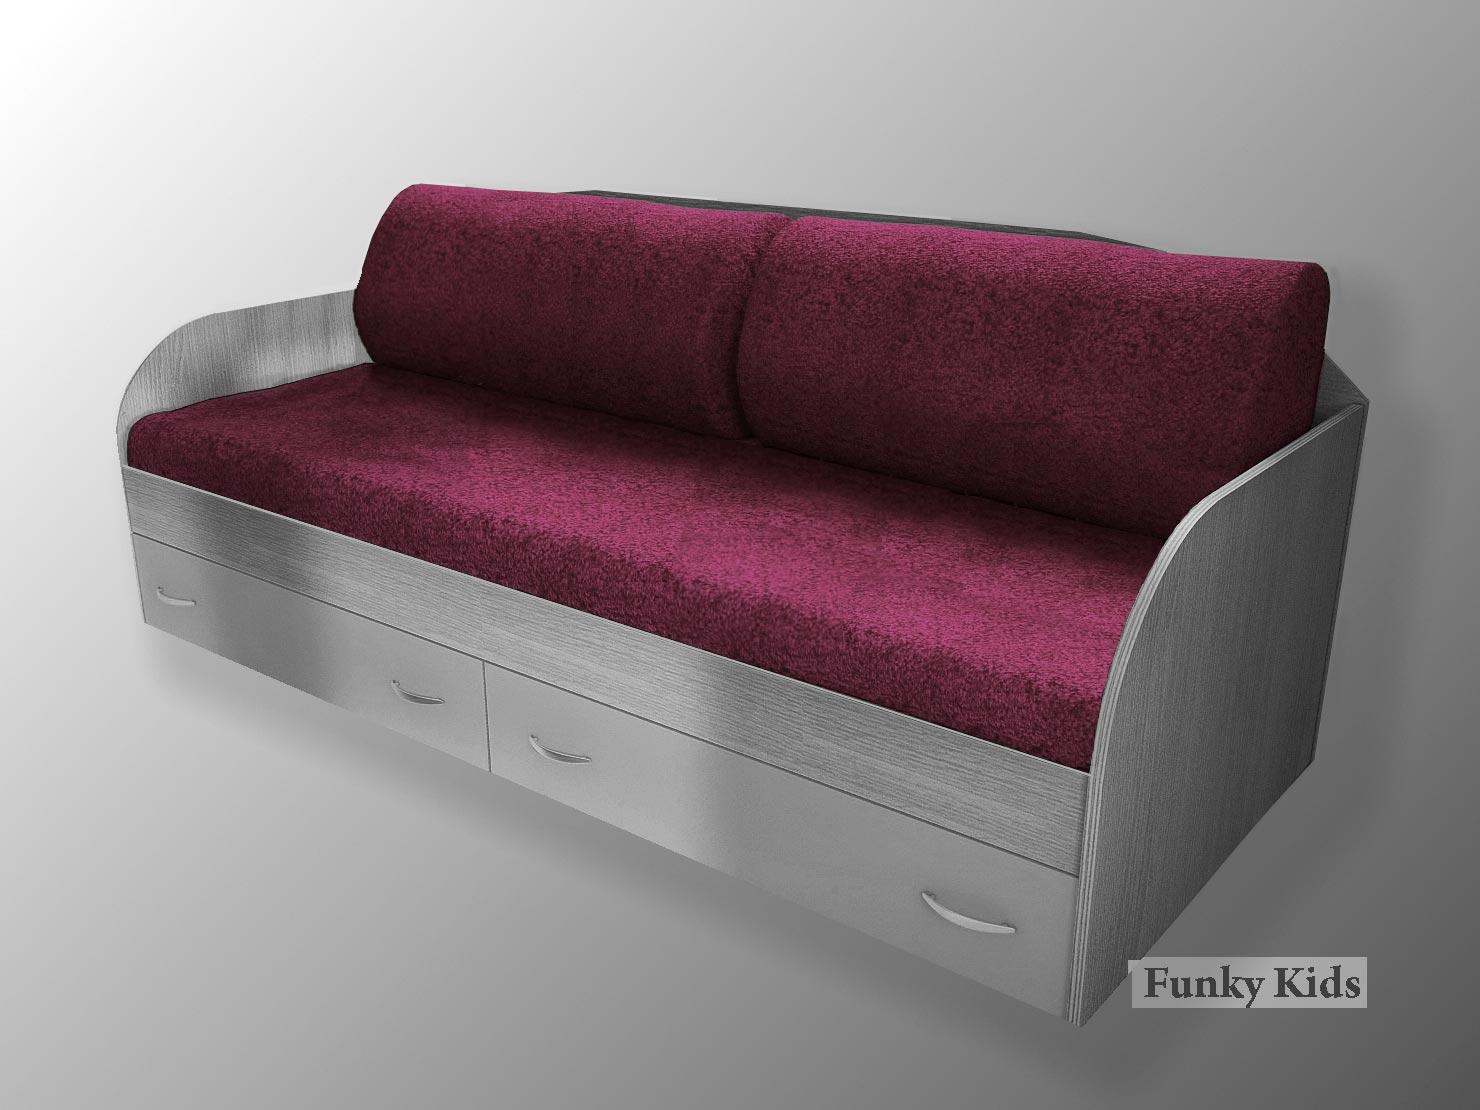 Комплект 2 диванные спинные подушки и покрывало Фанки Крем